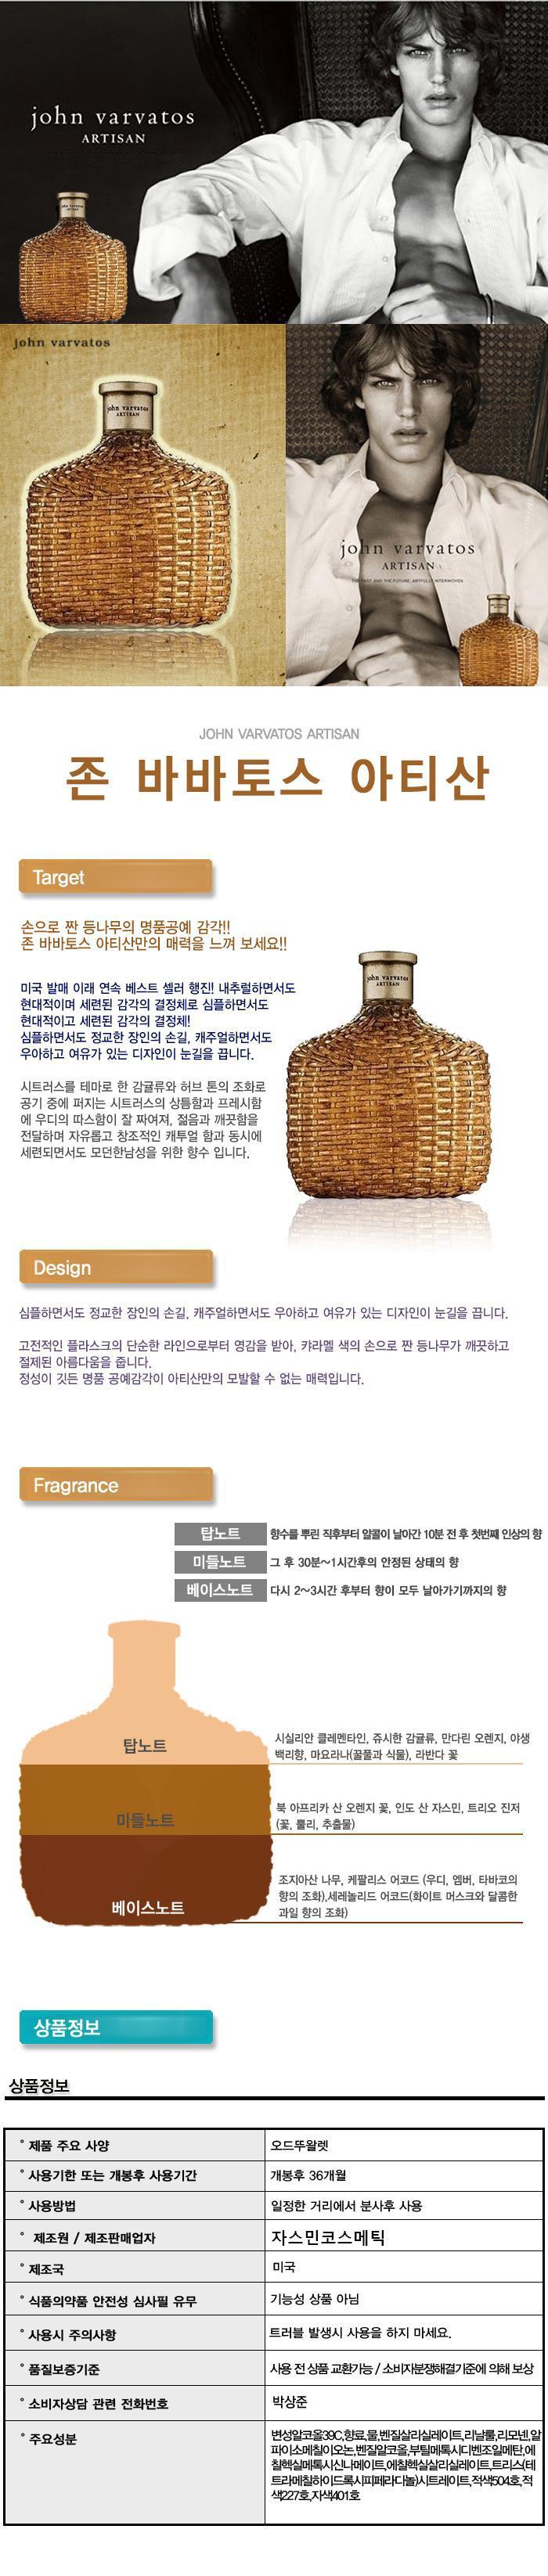 [불가리] 불가리 블루 옴므 30ml 정품+존바바토스 아티산125ml 테스터(뚜껑없음)